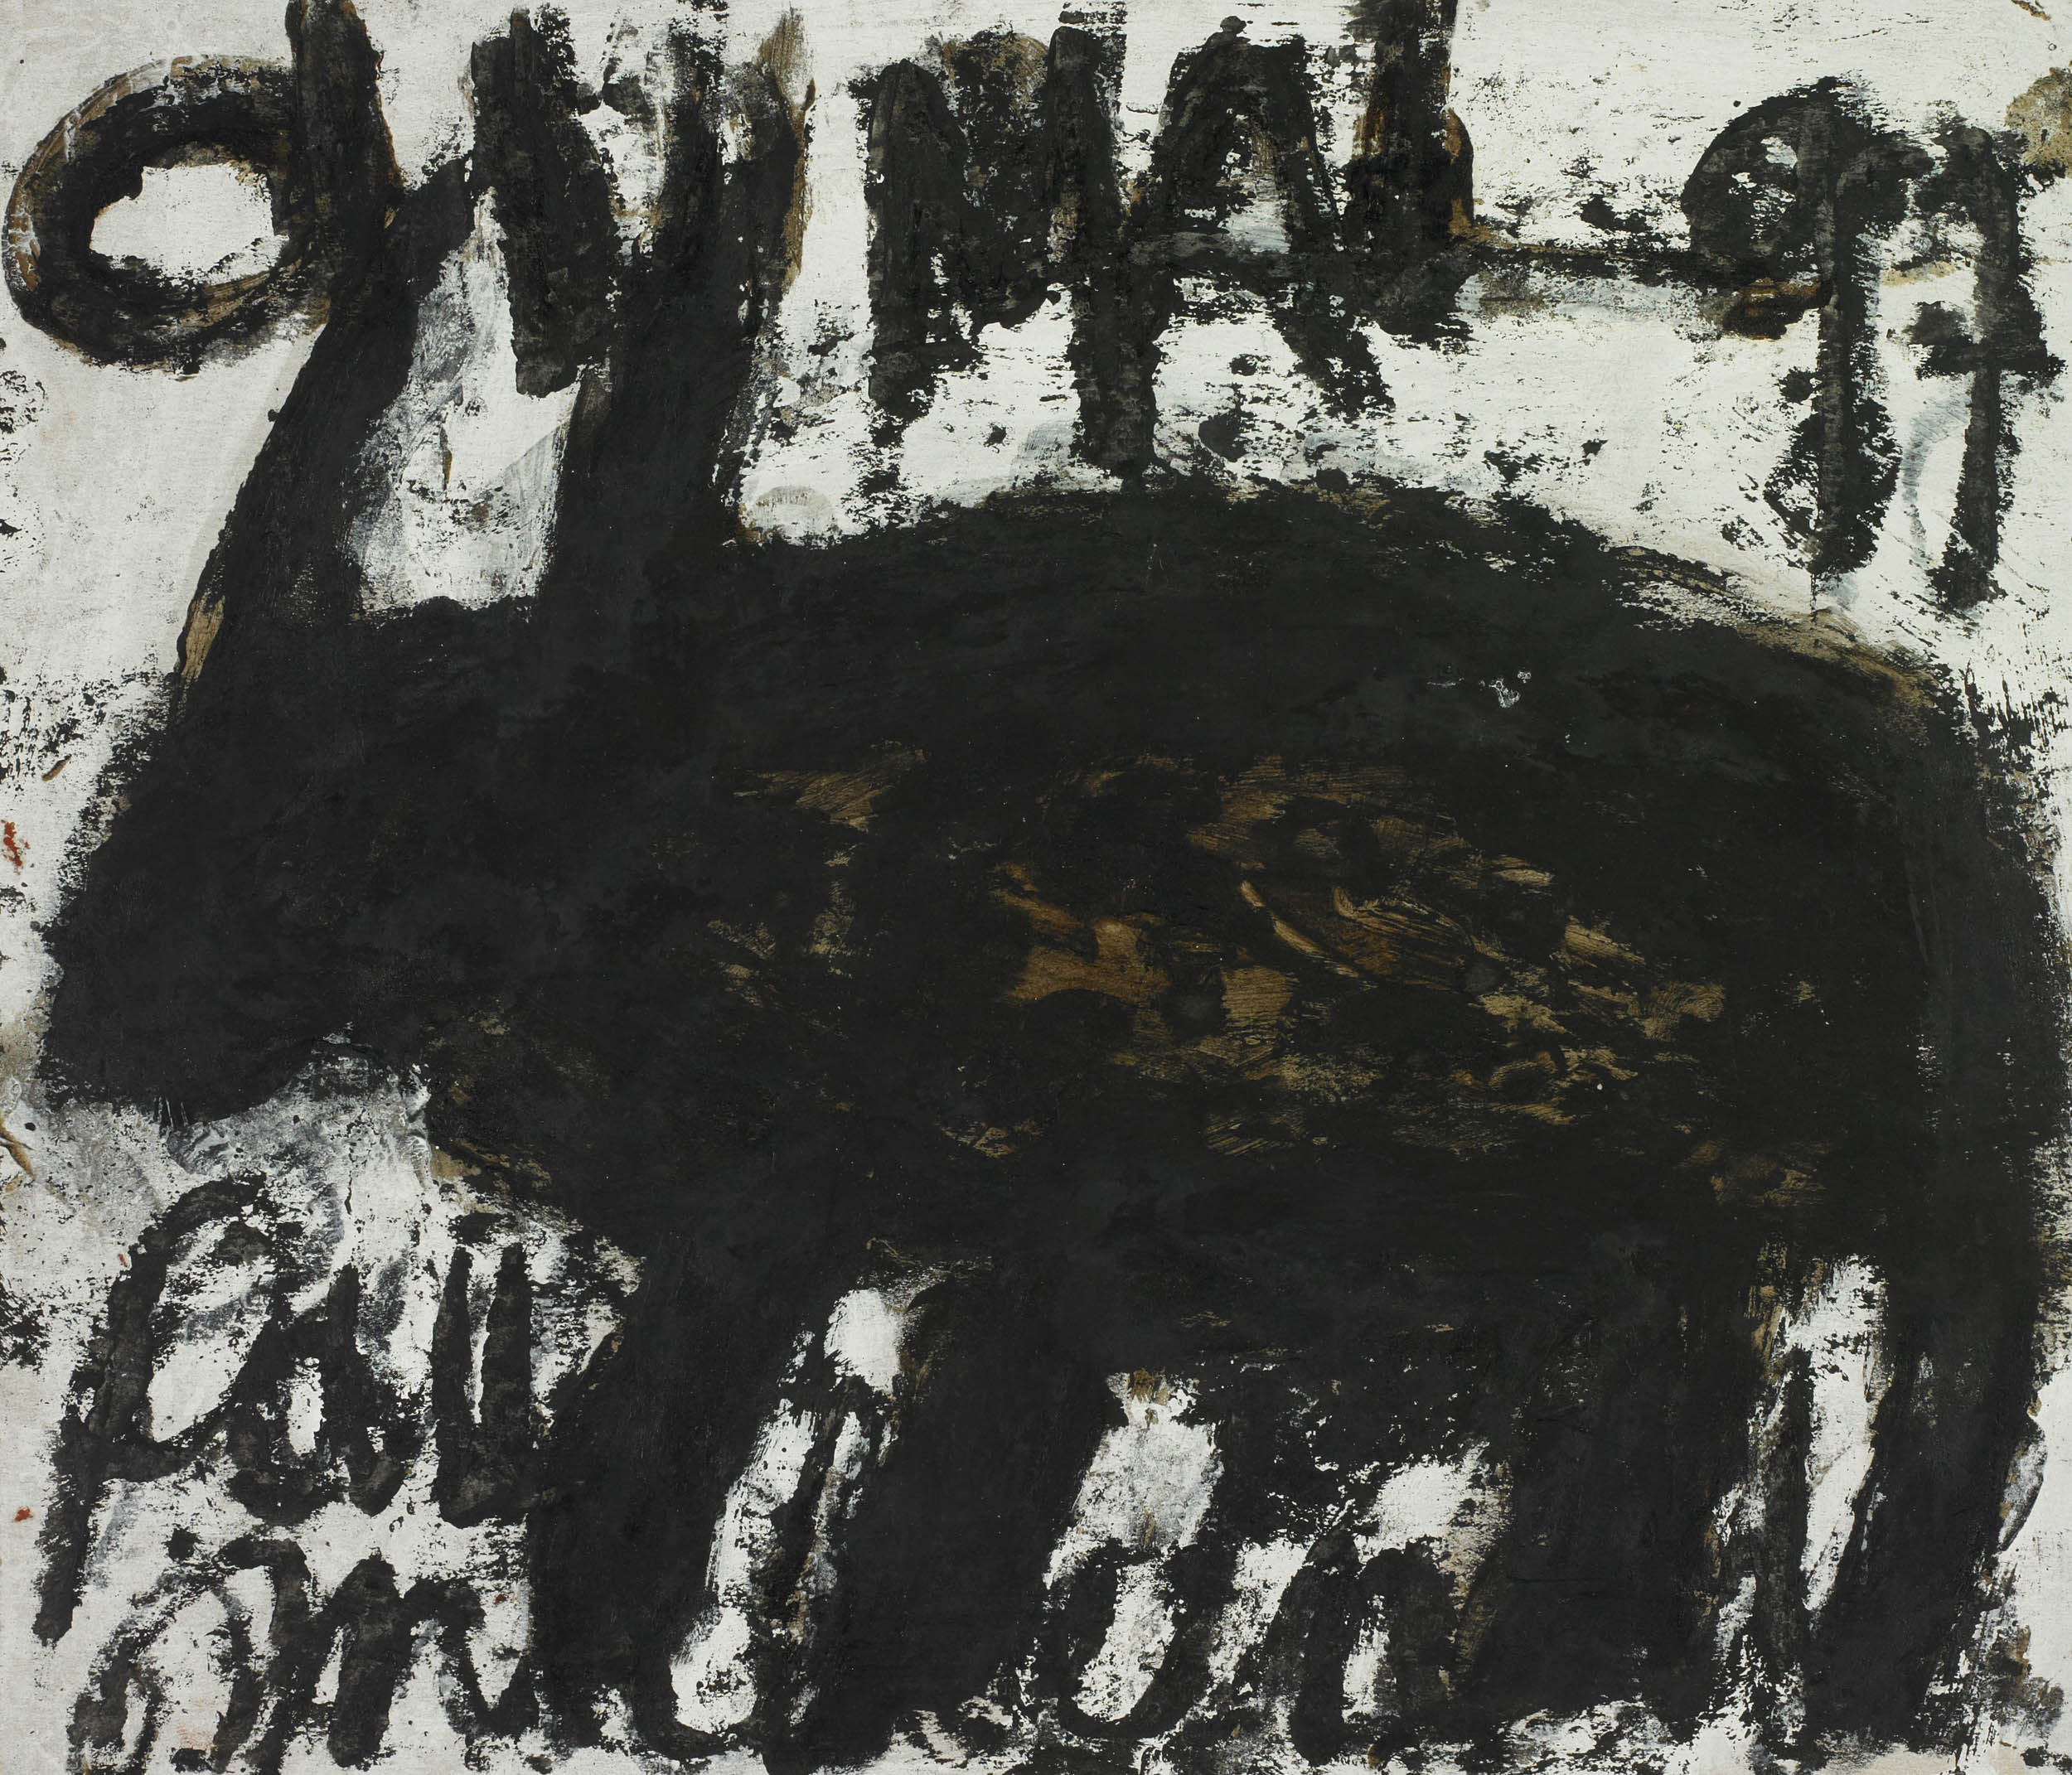 nedjar michel - untitled | Paris Darius 1997